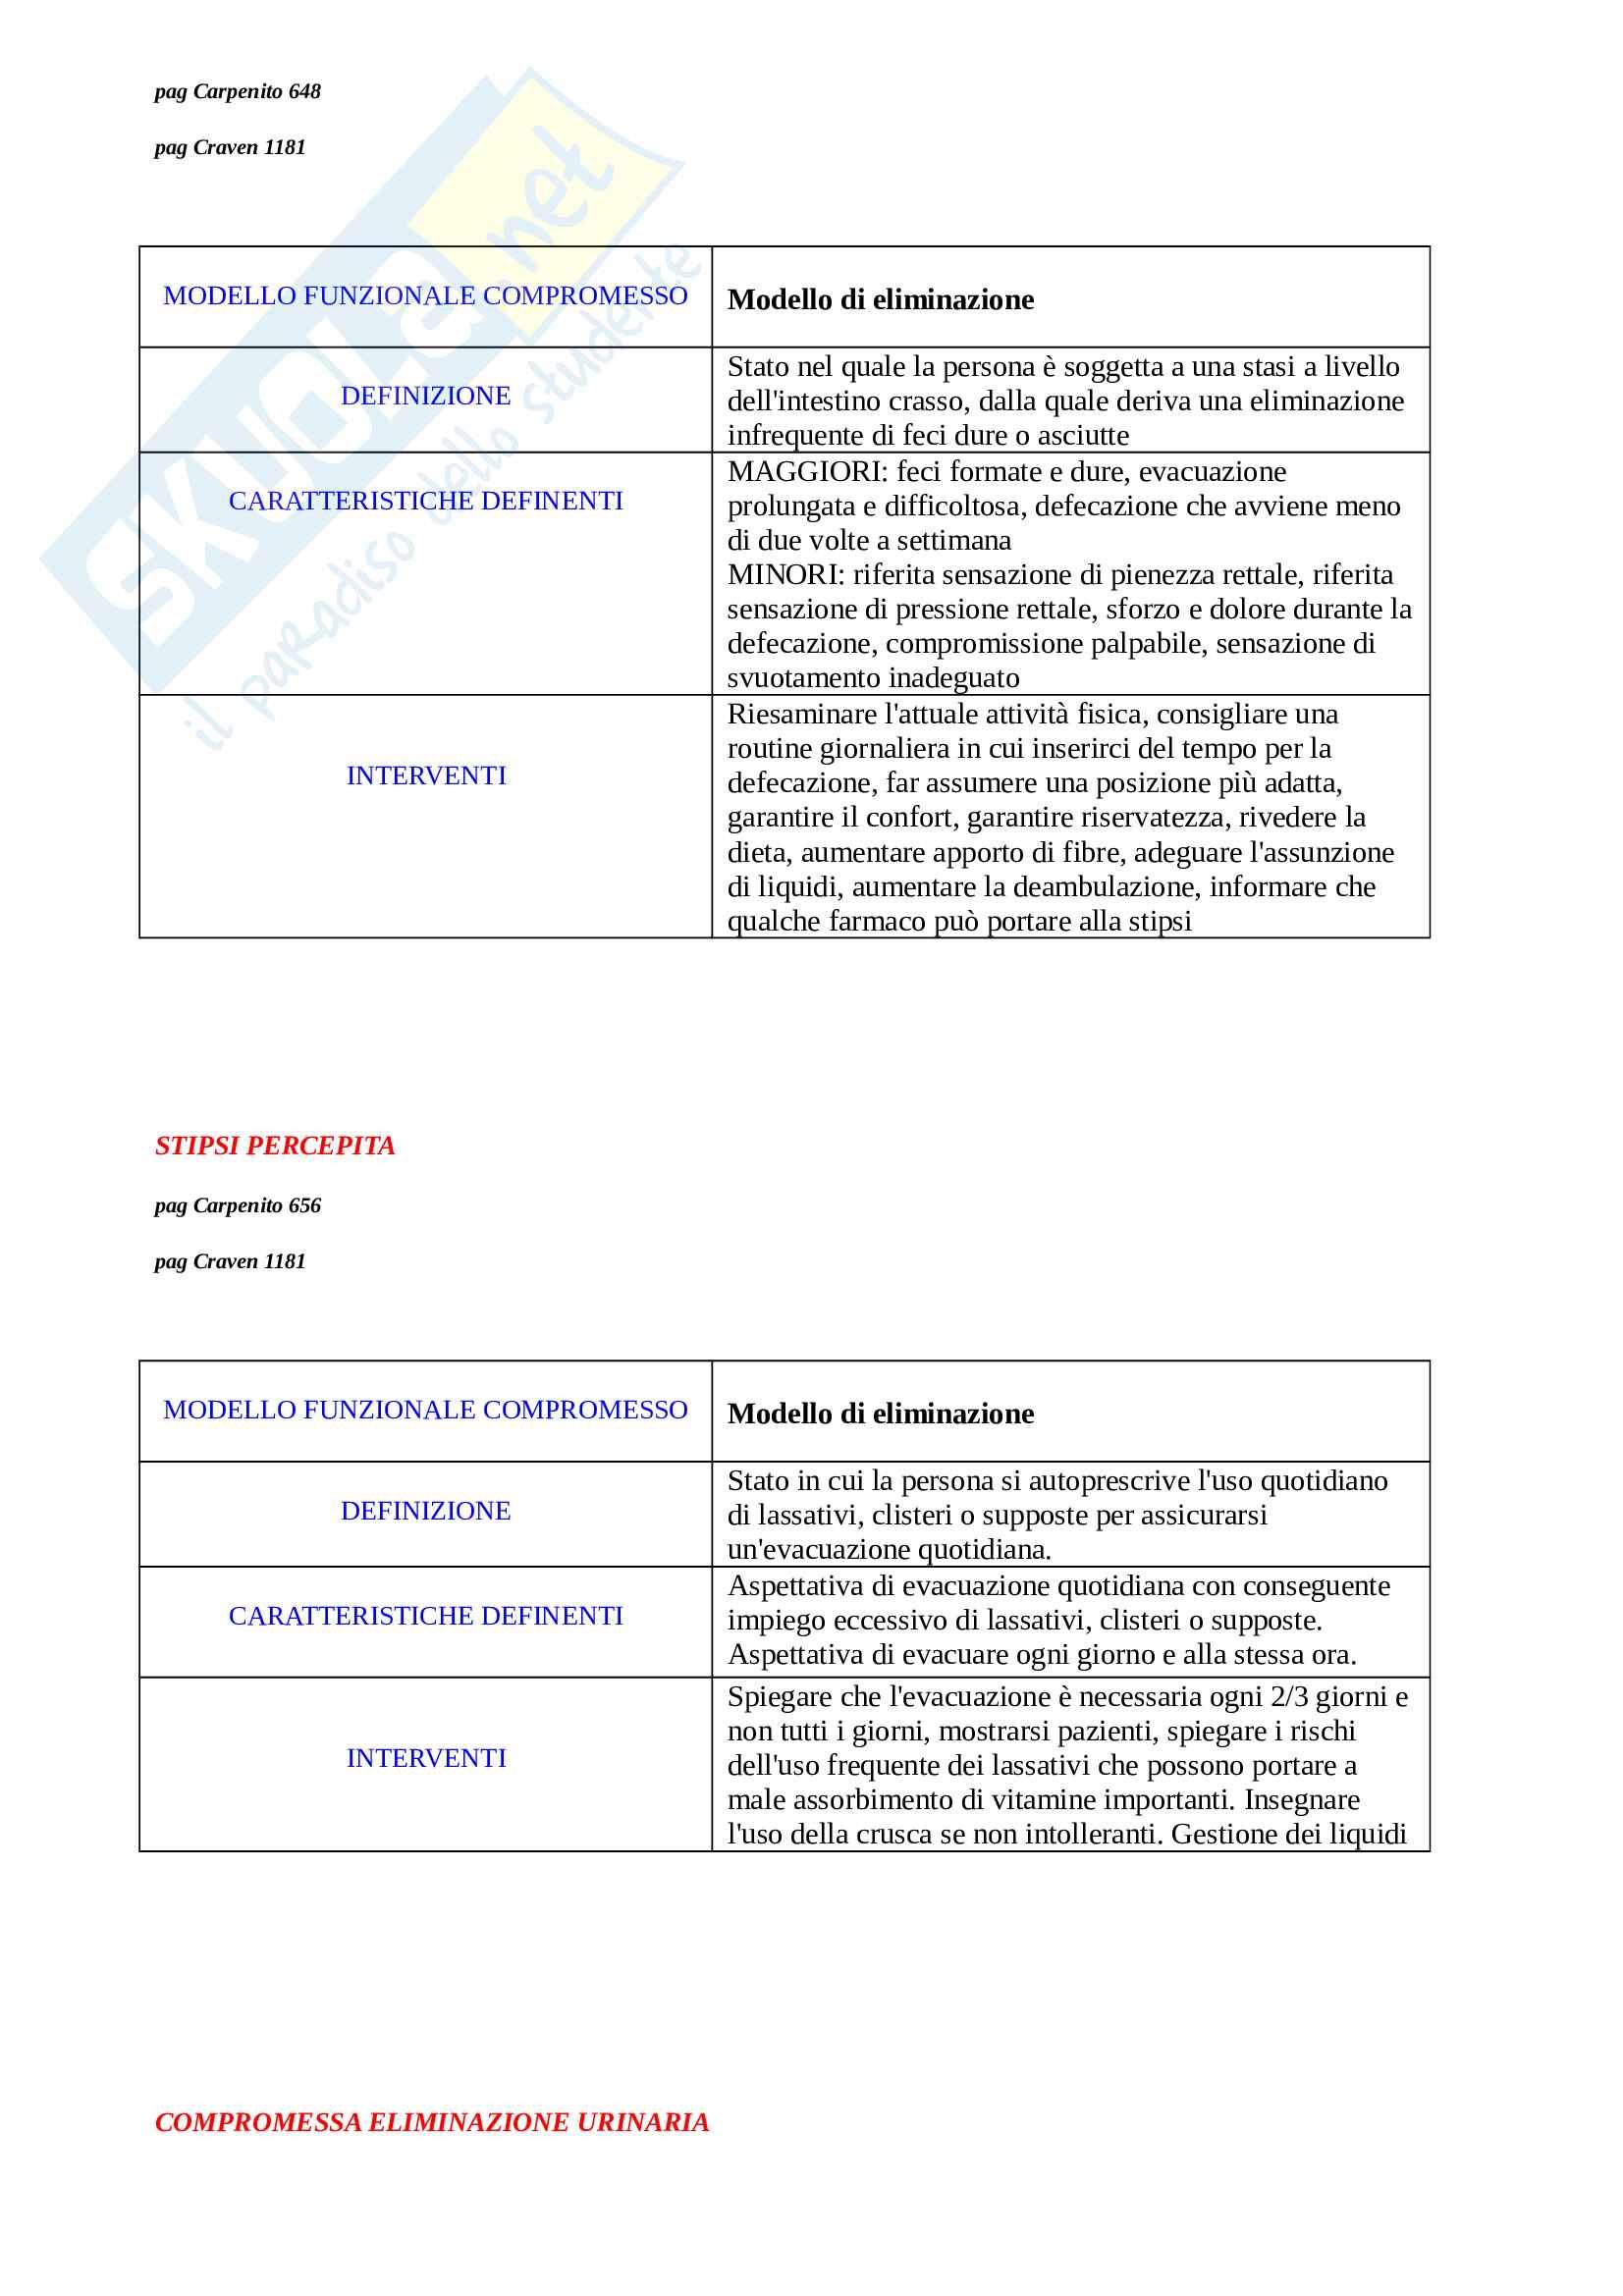 Diagnosi infermieristiche Pag. 16